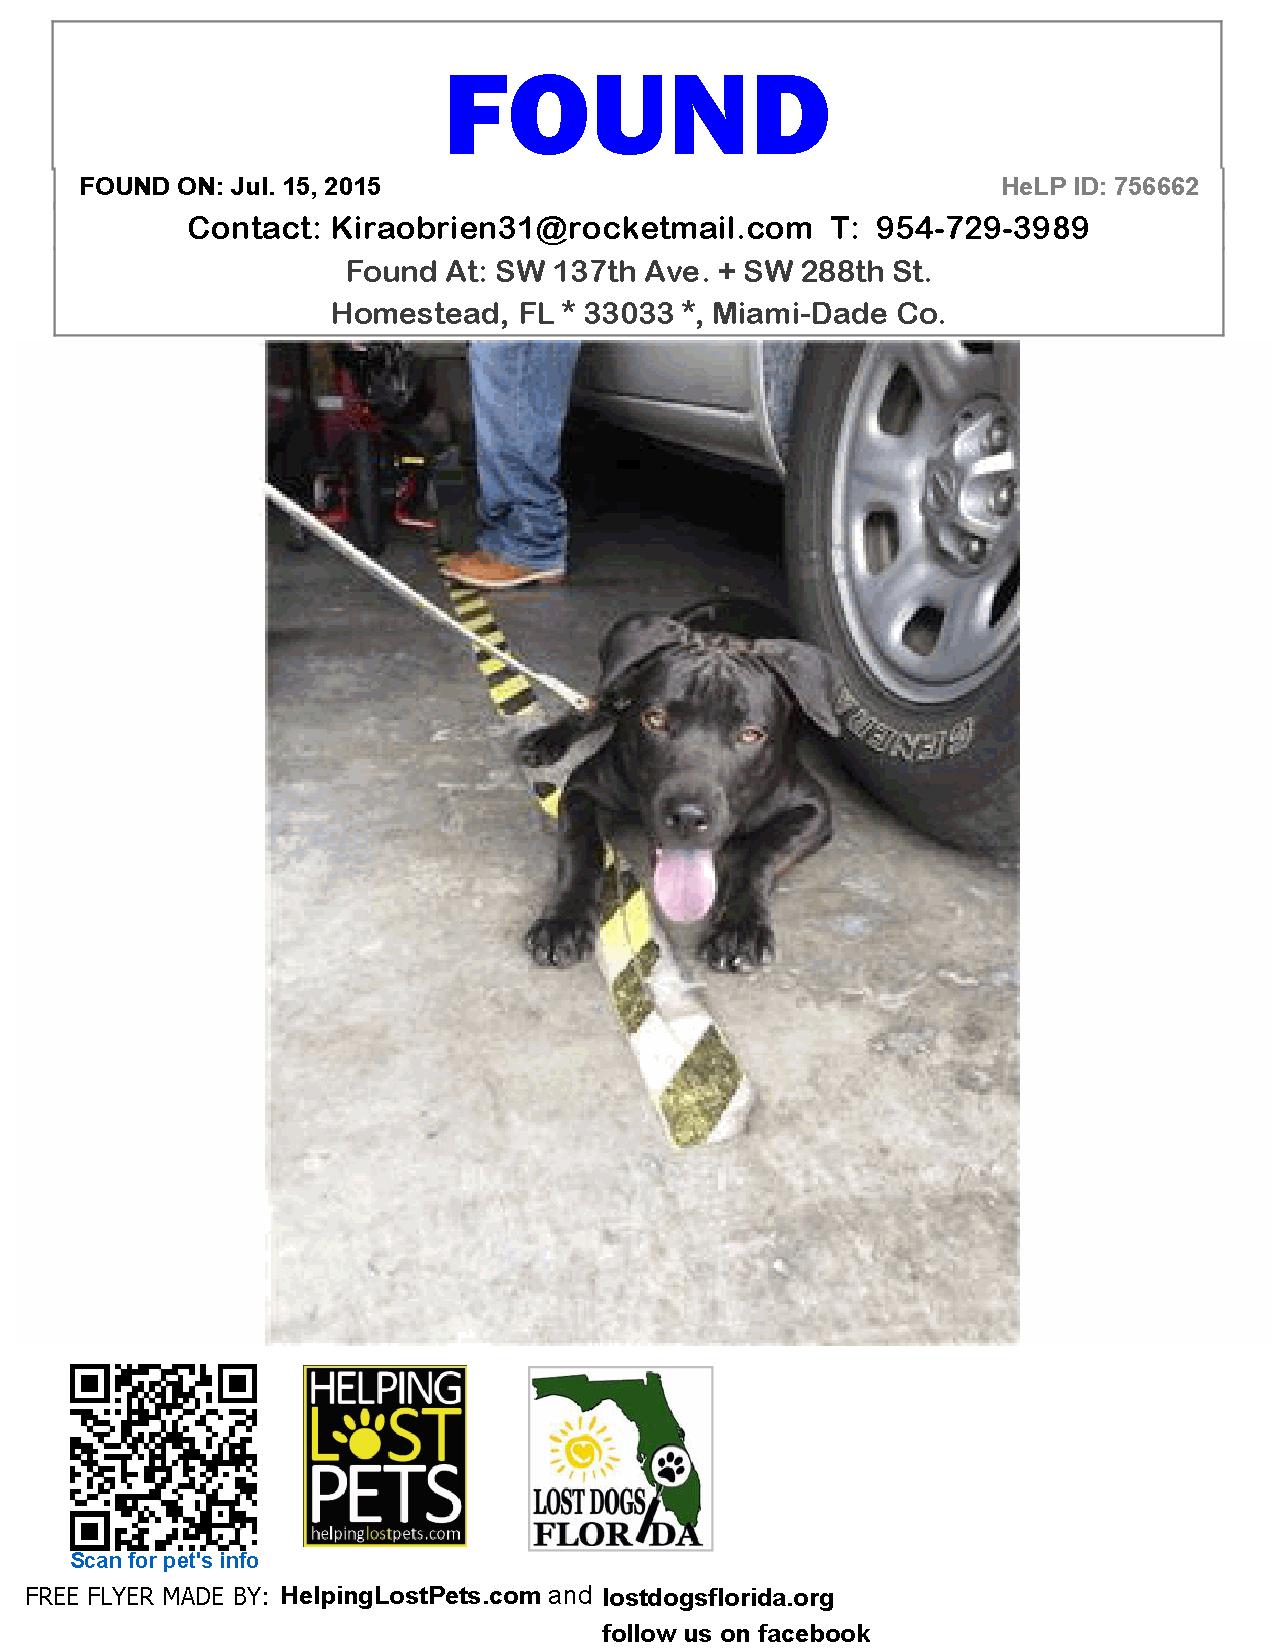 Found Dog Labrador Retriever Homestead Fl United States